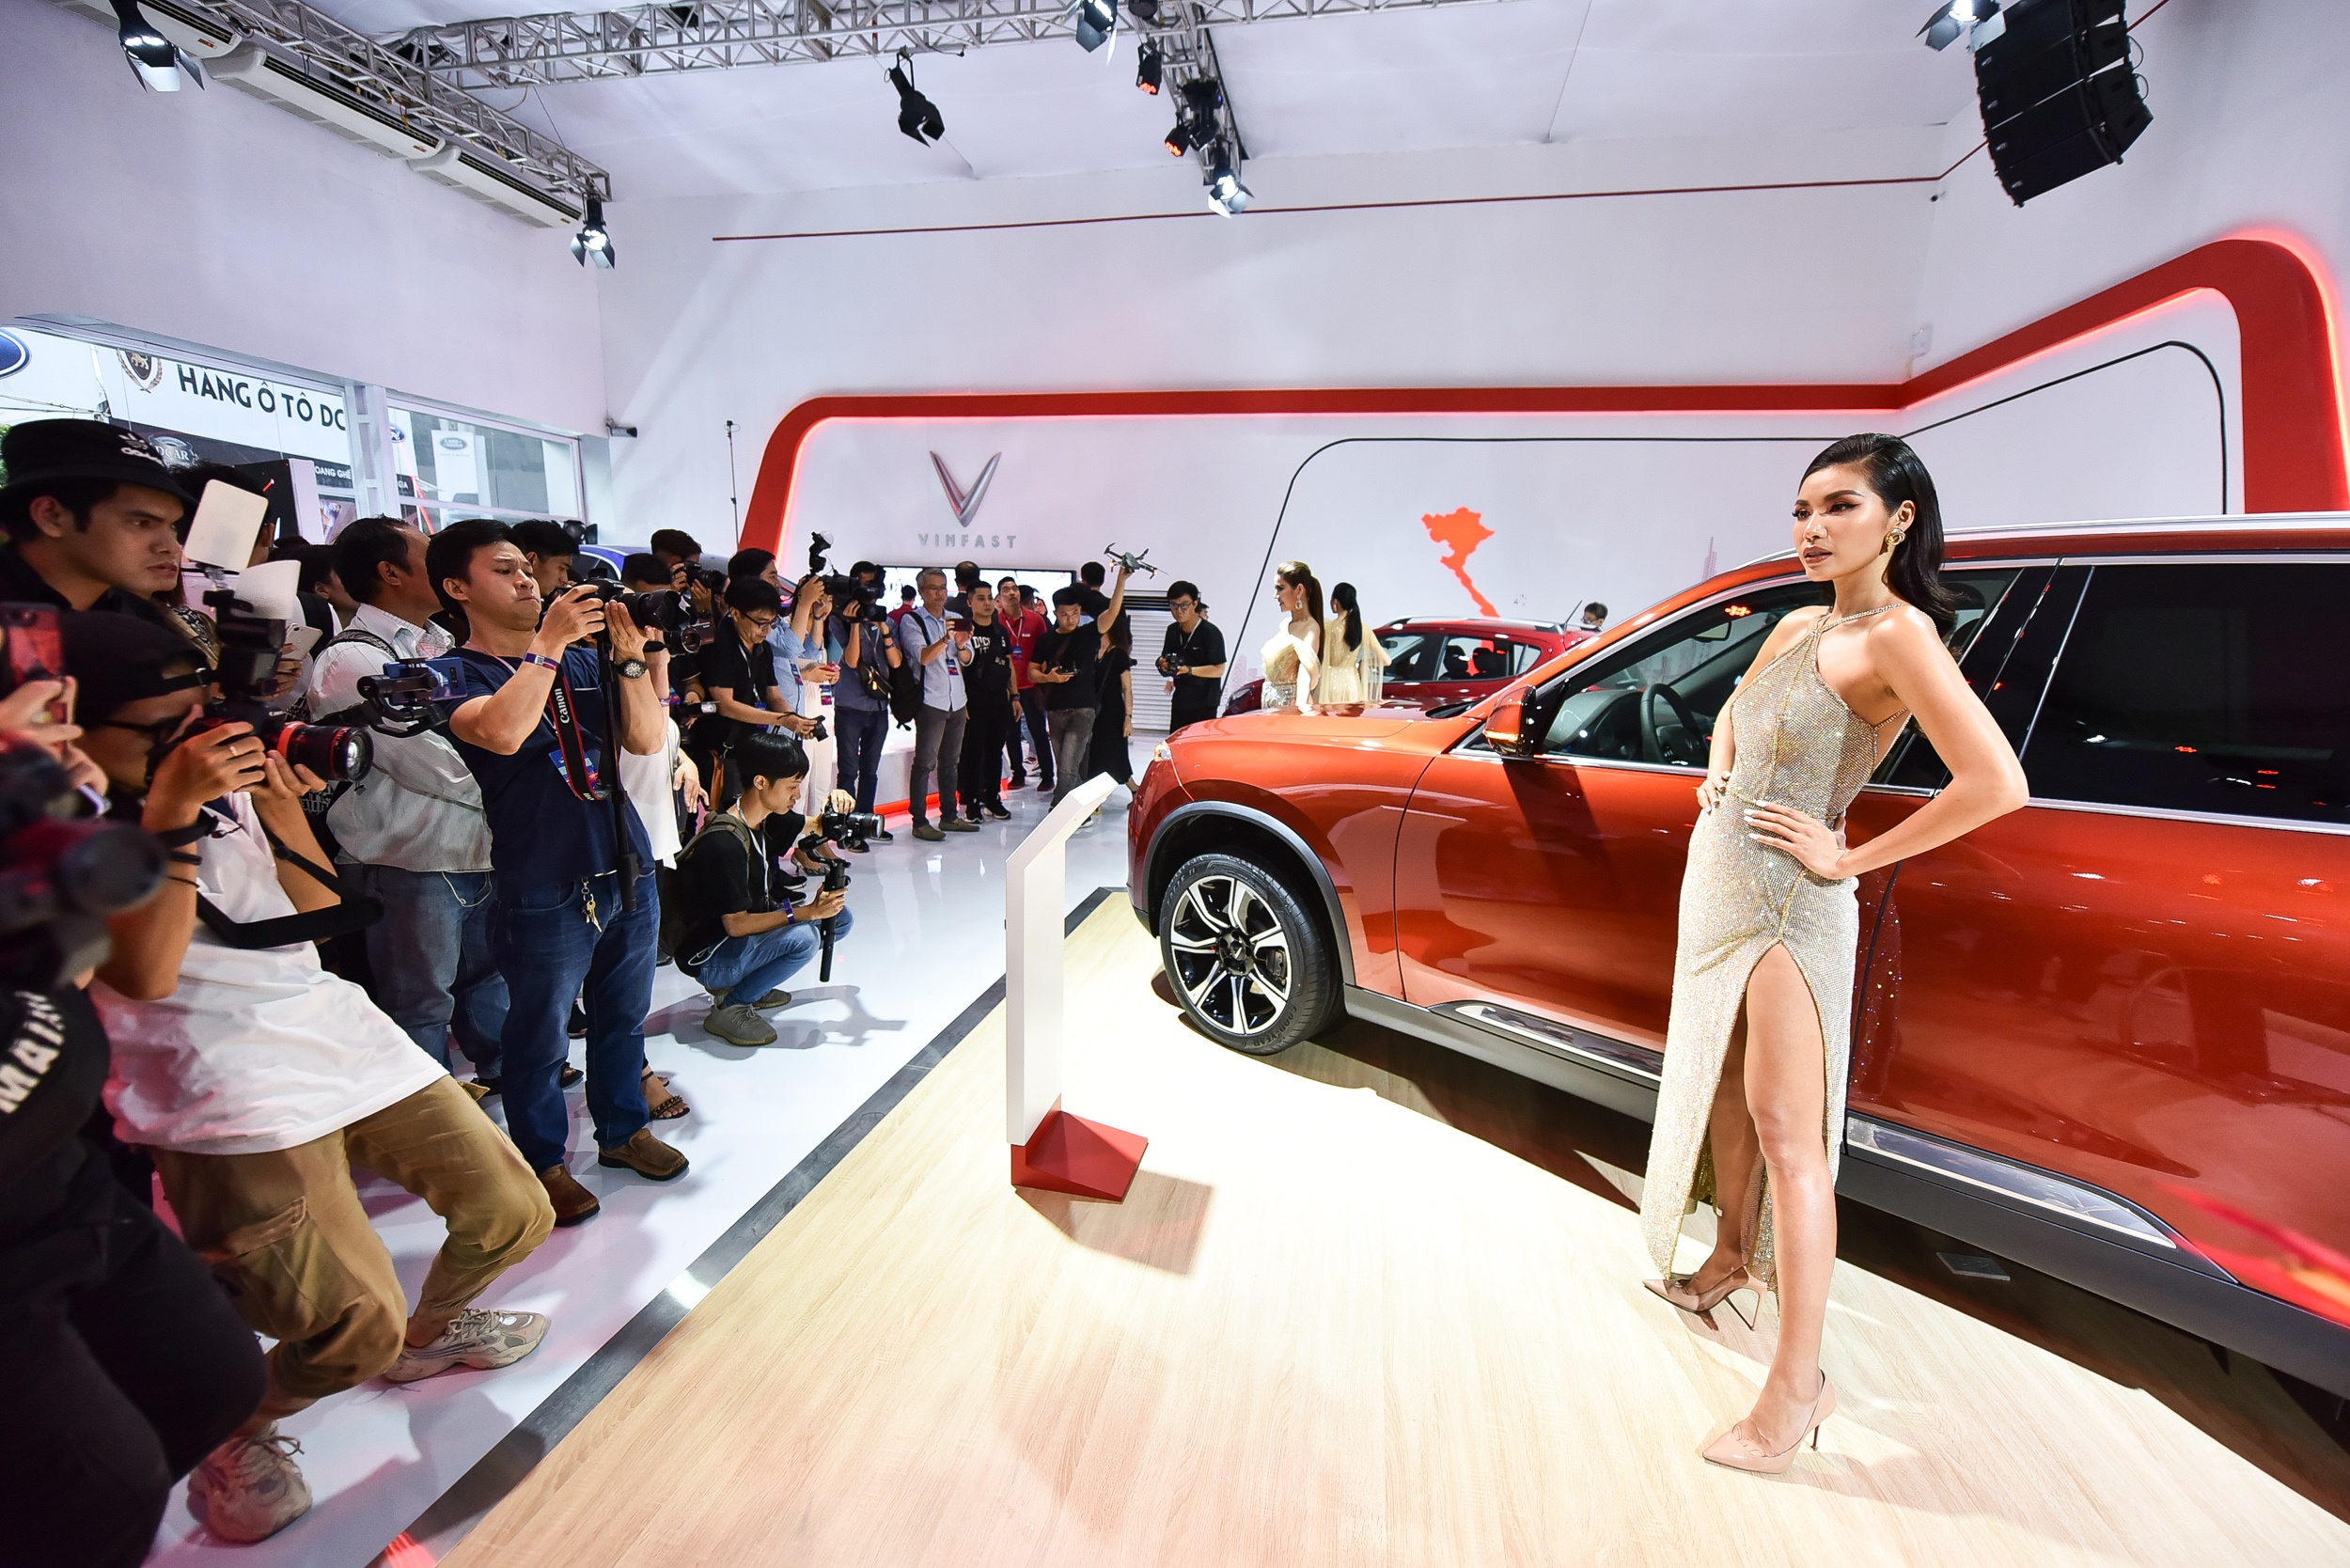 Mot nam ky tich cua VinFast tu Paris Motor Show 2018 den VMS 2019 hinh anh 40